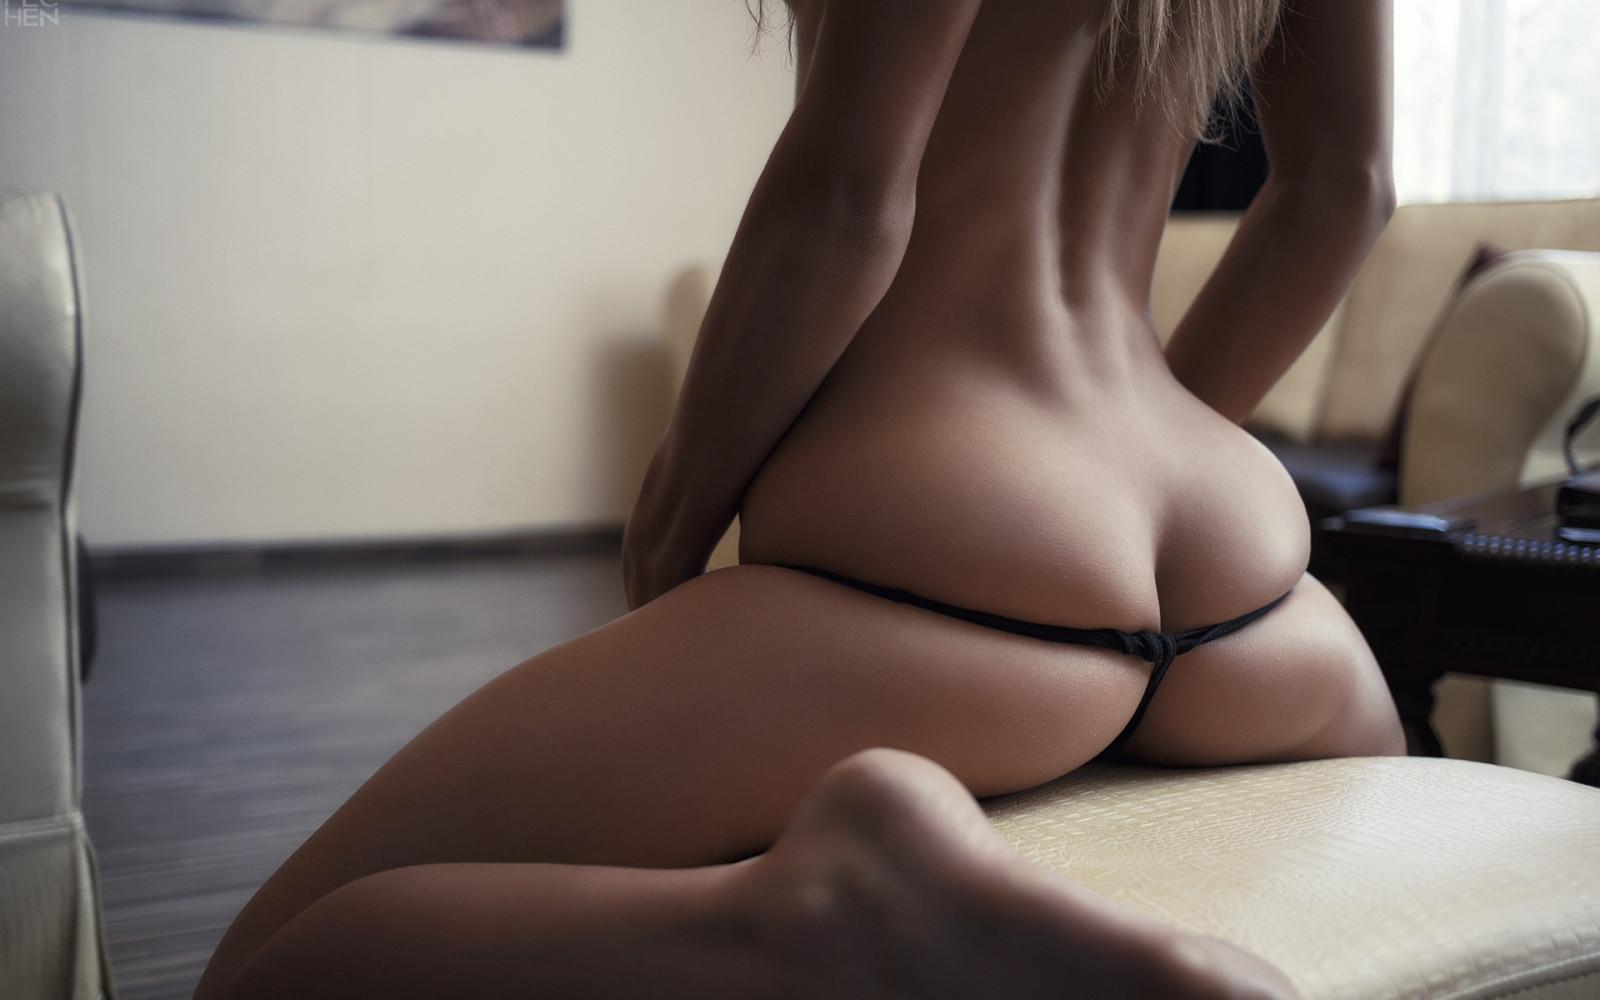 можно мелко женские красивые попки эротические фото для